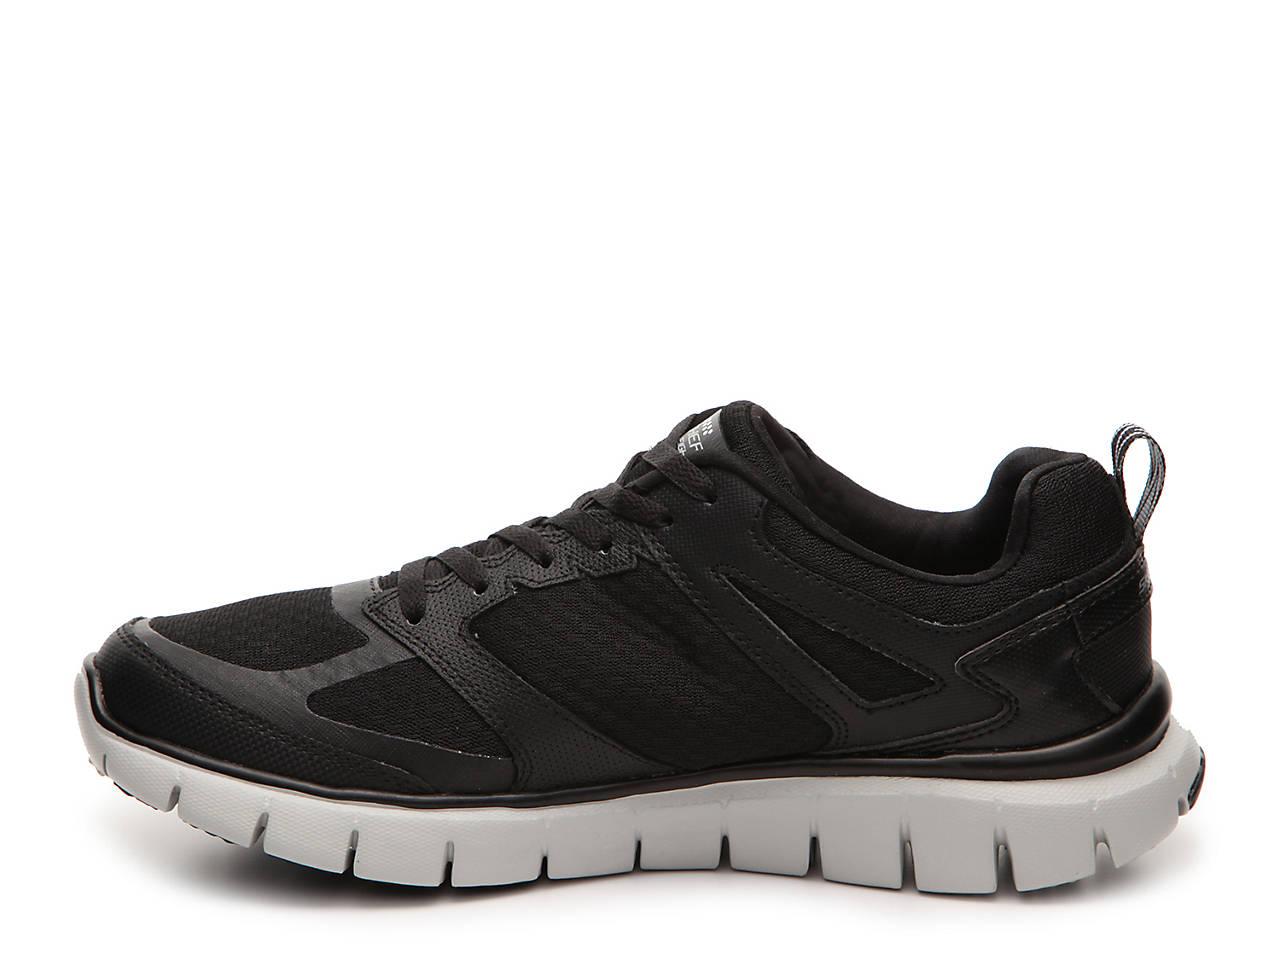 816ef0949e46 Skechers Relaxed Fit Skech-Flex Power Alley Sneaker Men s Shoes